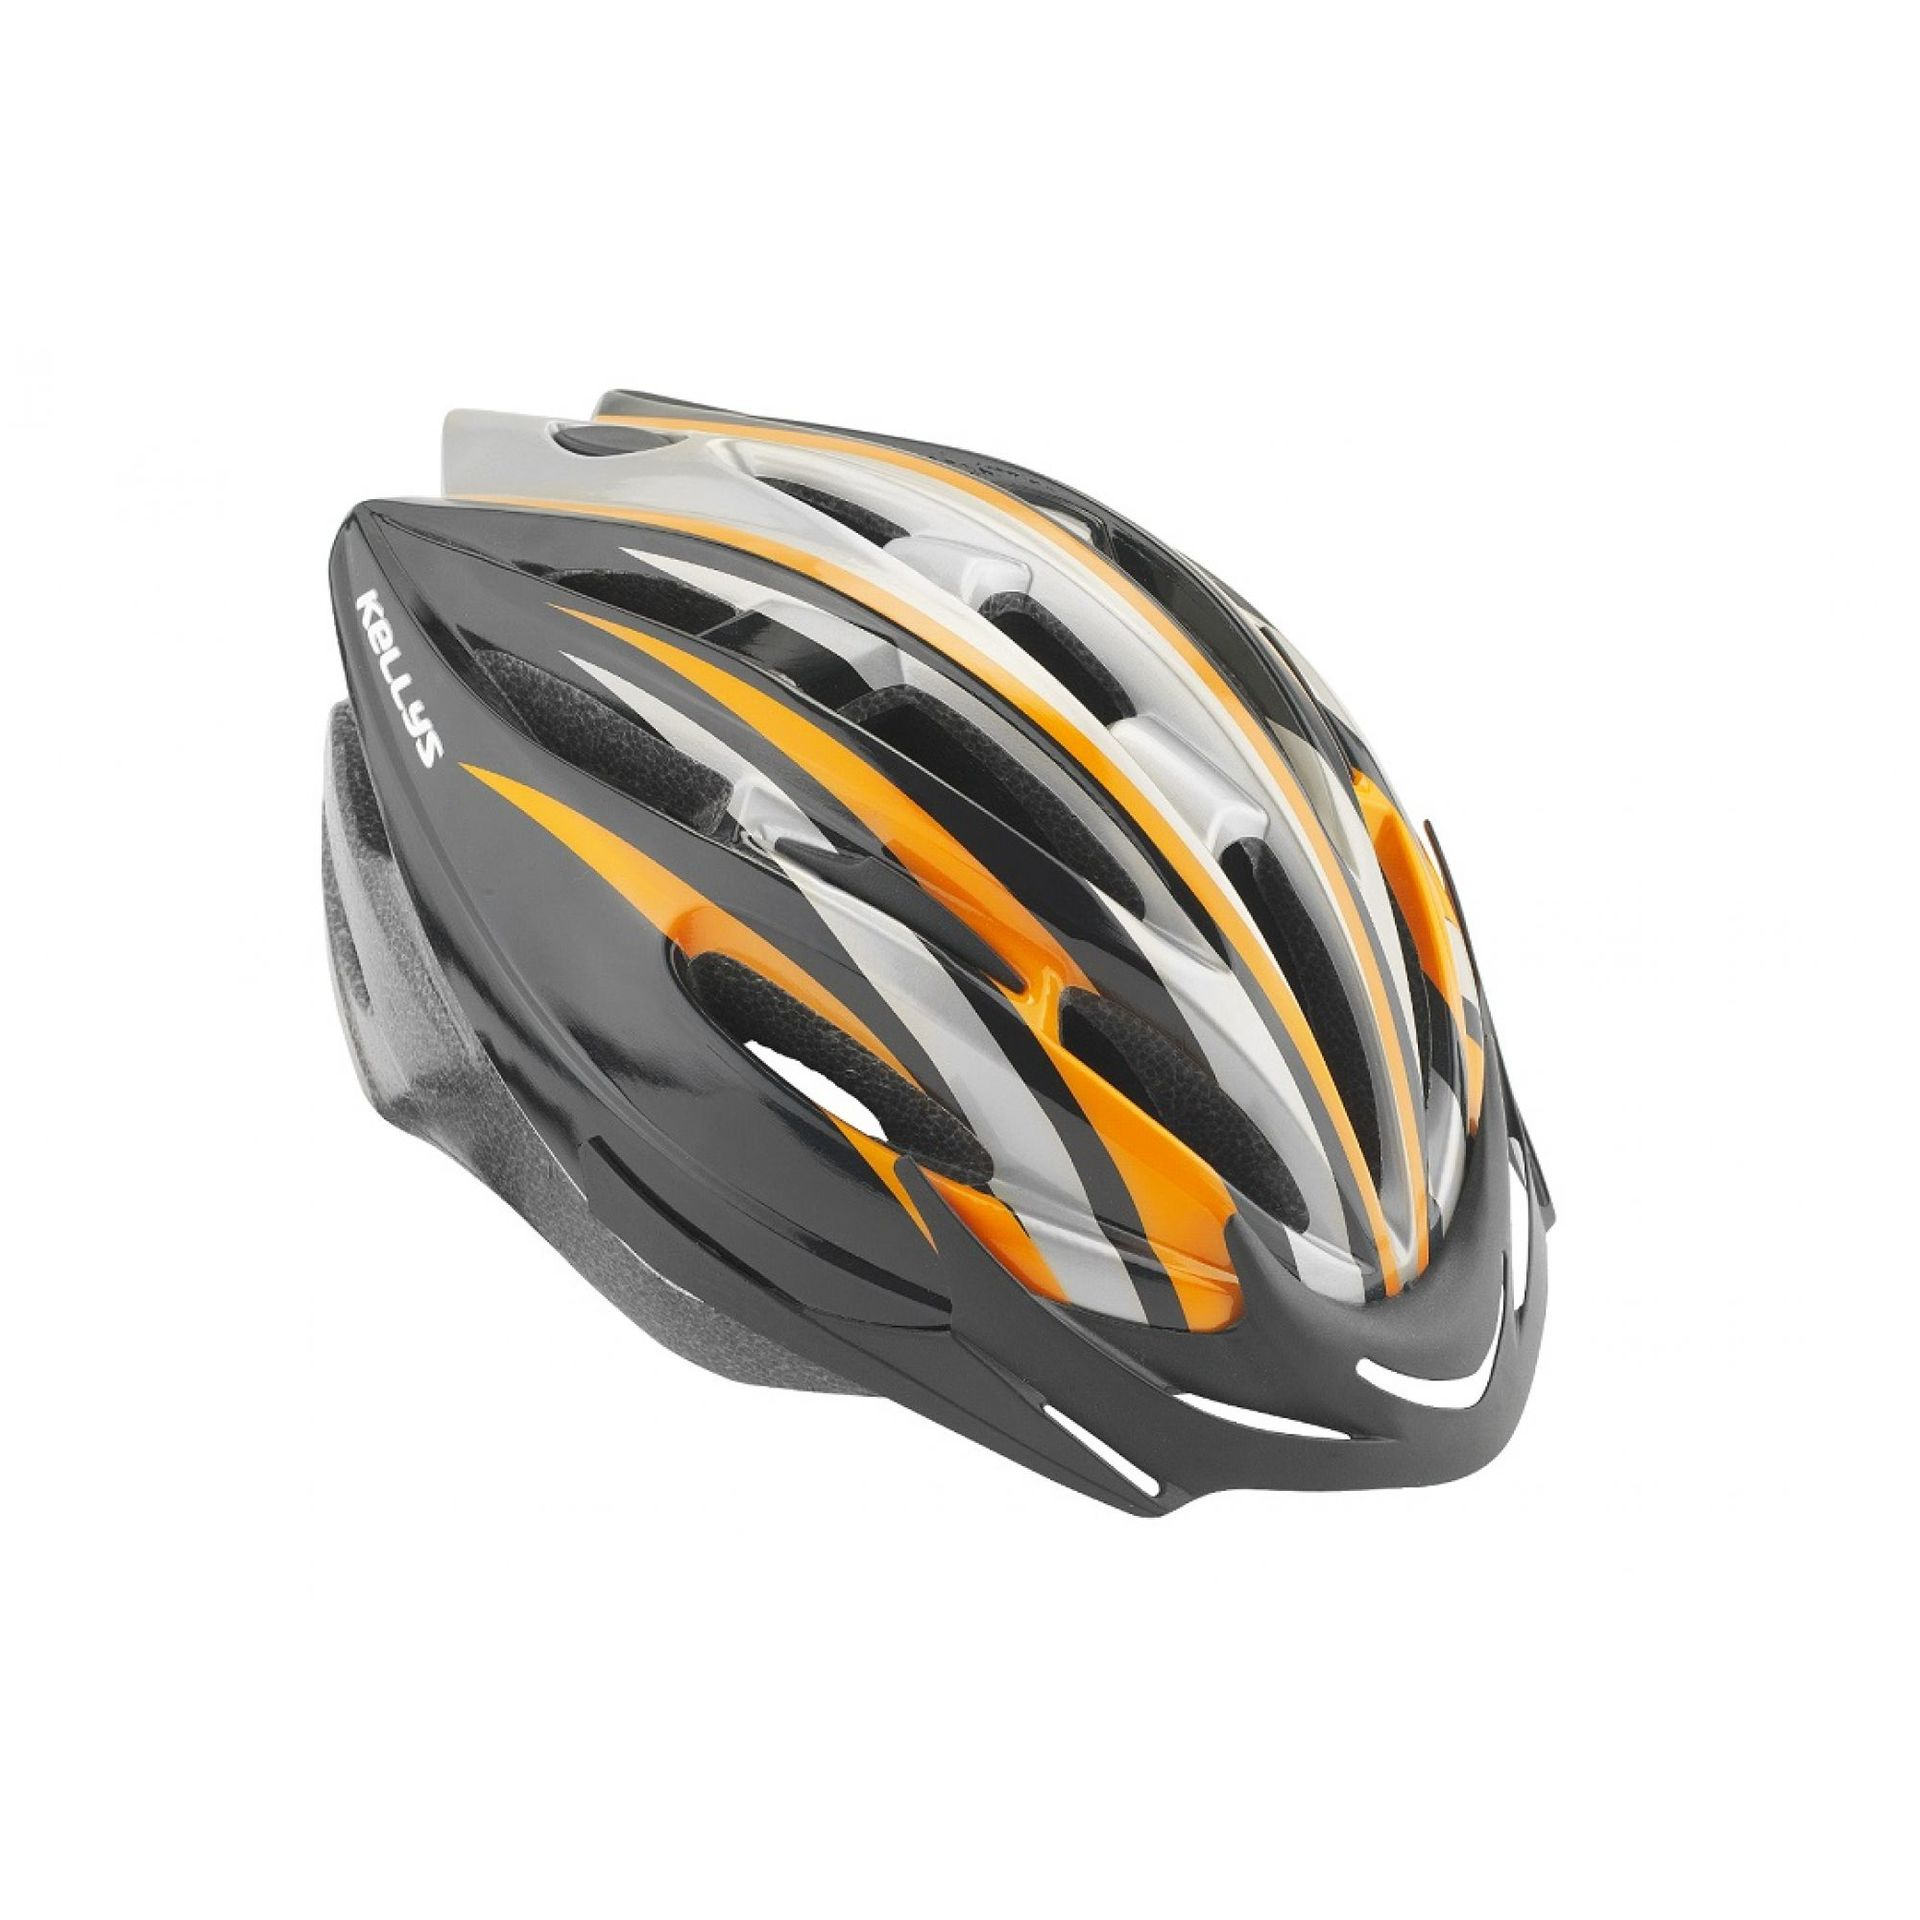 Kask rowerowy Kellys Access pomarańczowy